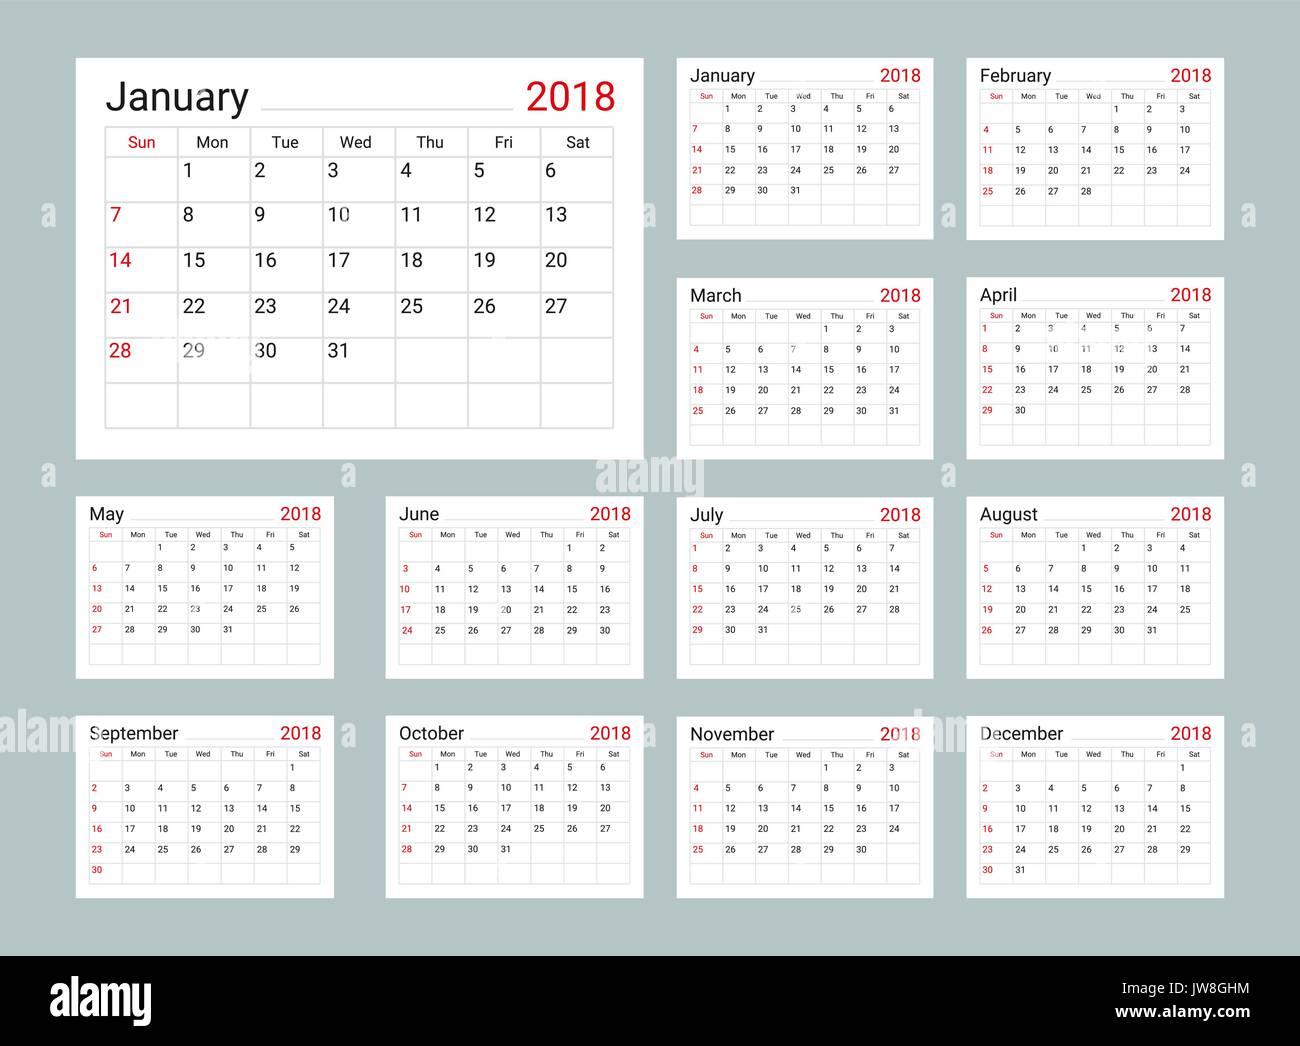 Daily Calendar 2018 Download : Calendar daily planner template stock vector art